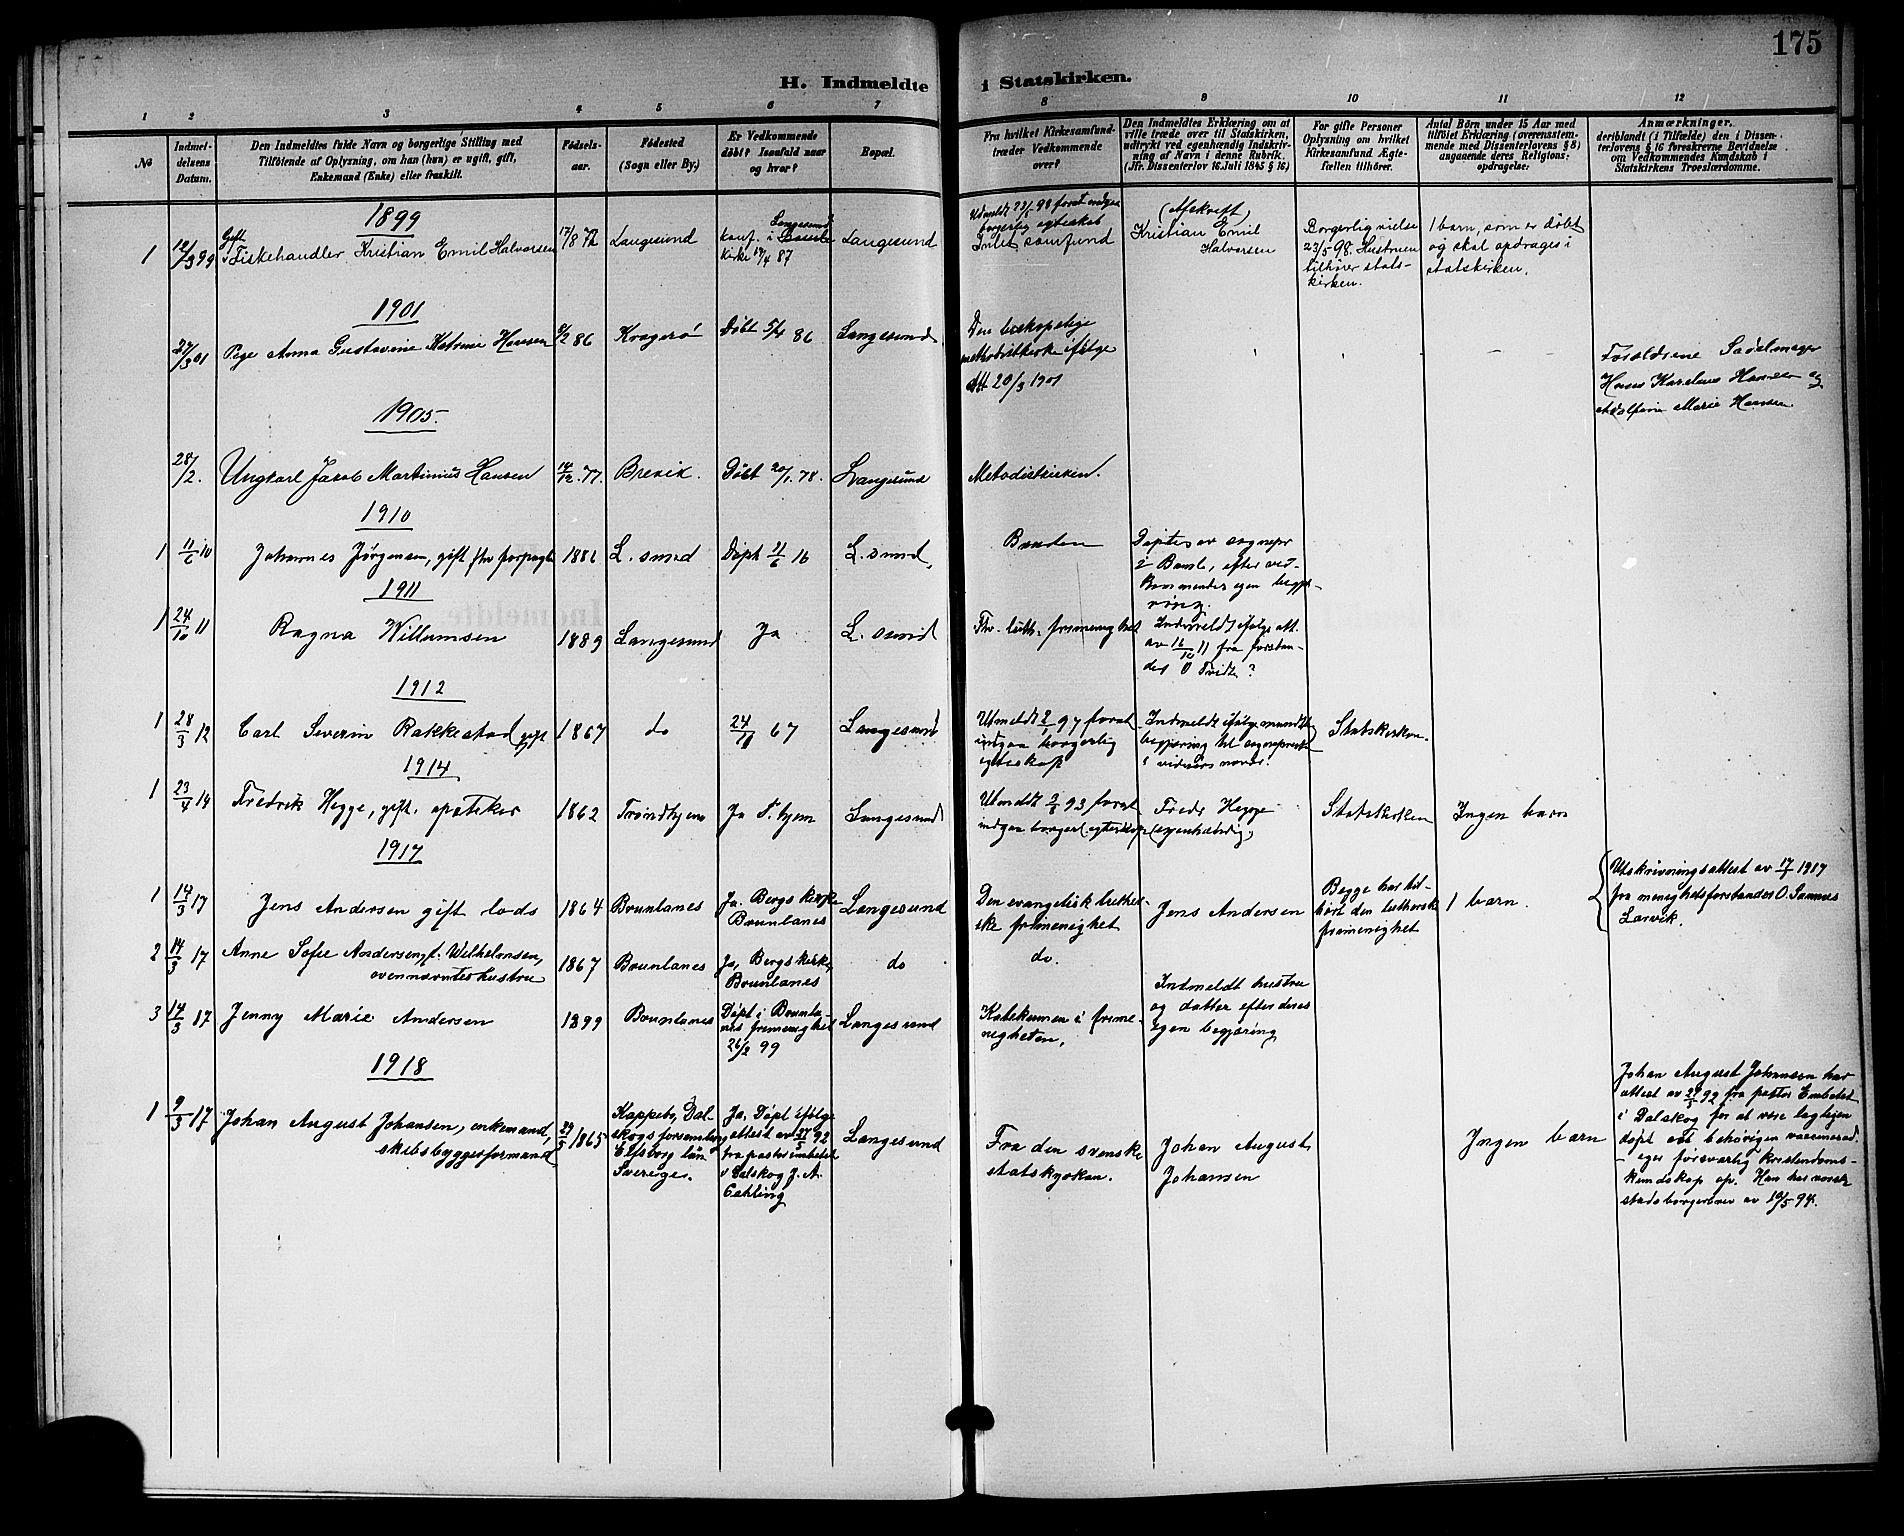 SAKO, Langesund kirkebøker, G/Ga/L0006: Klokkerbok nr. 6, 1899-1918, s. 175